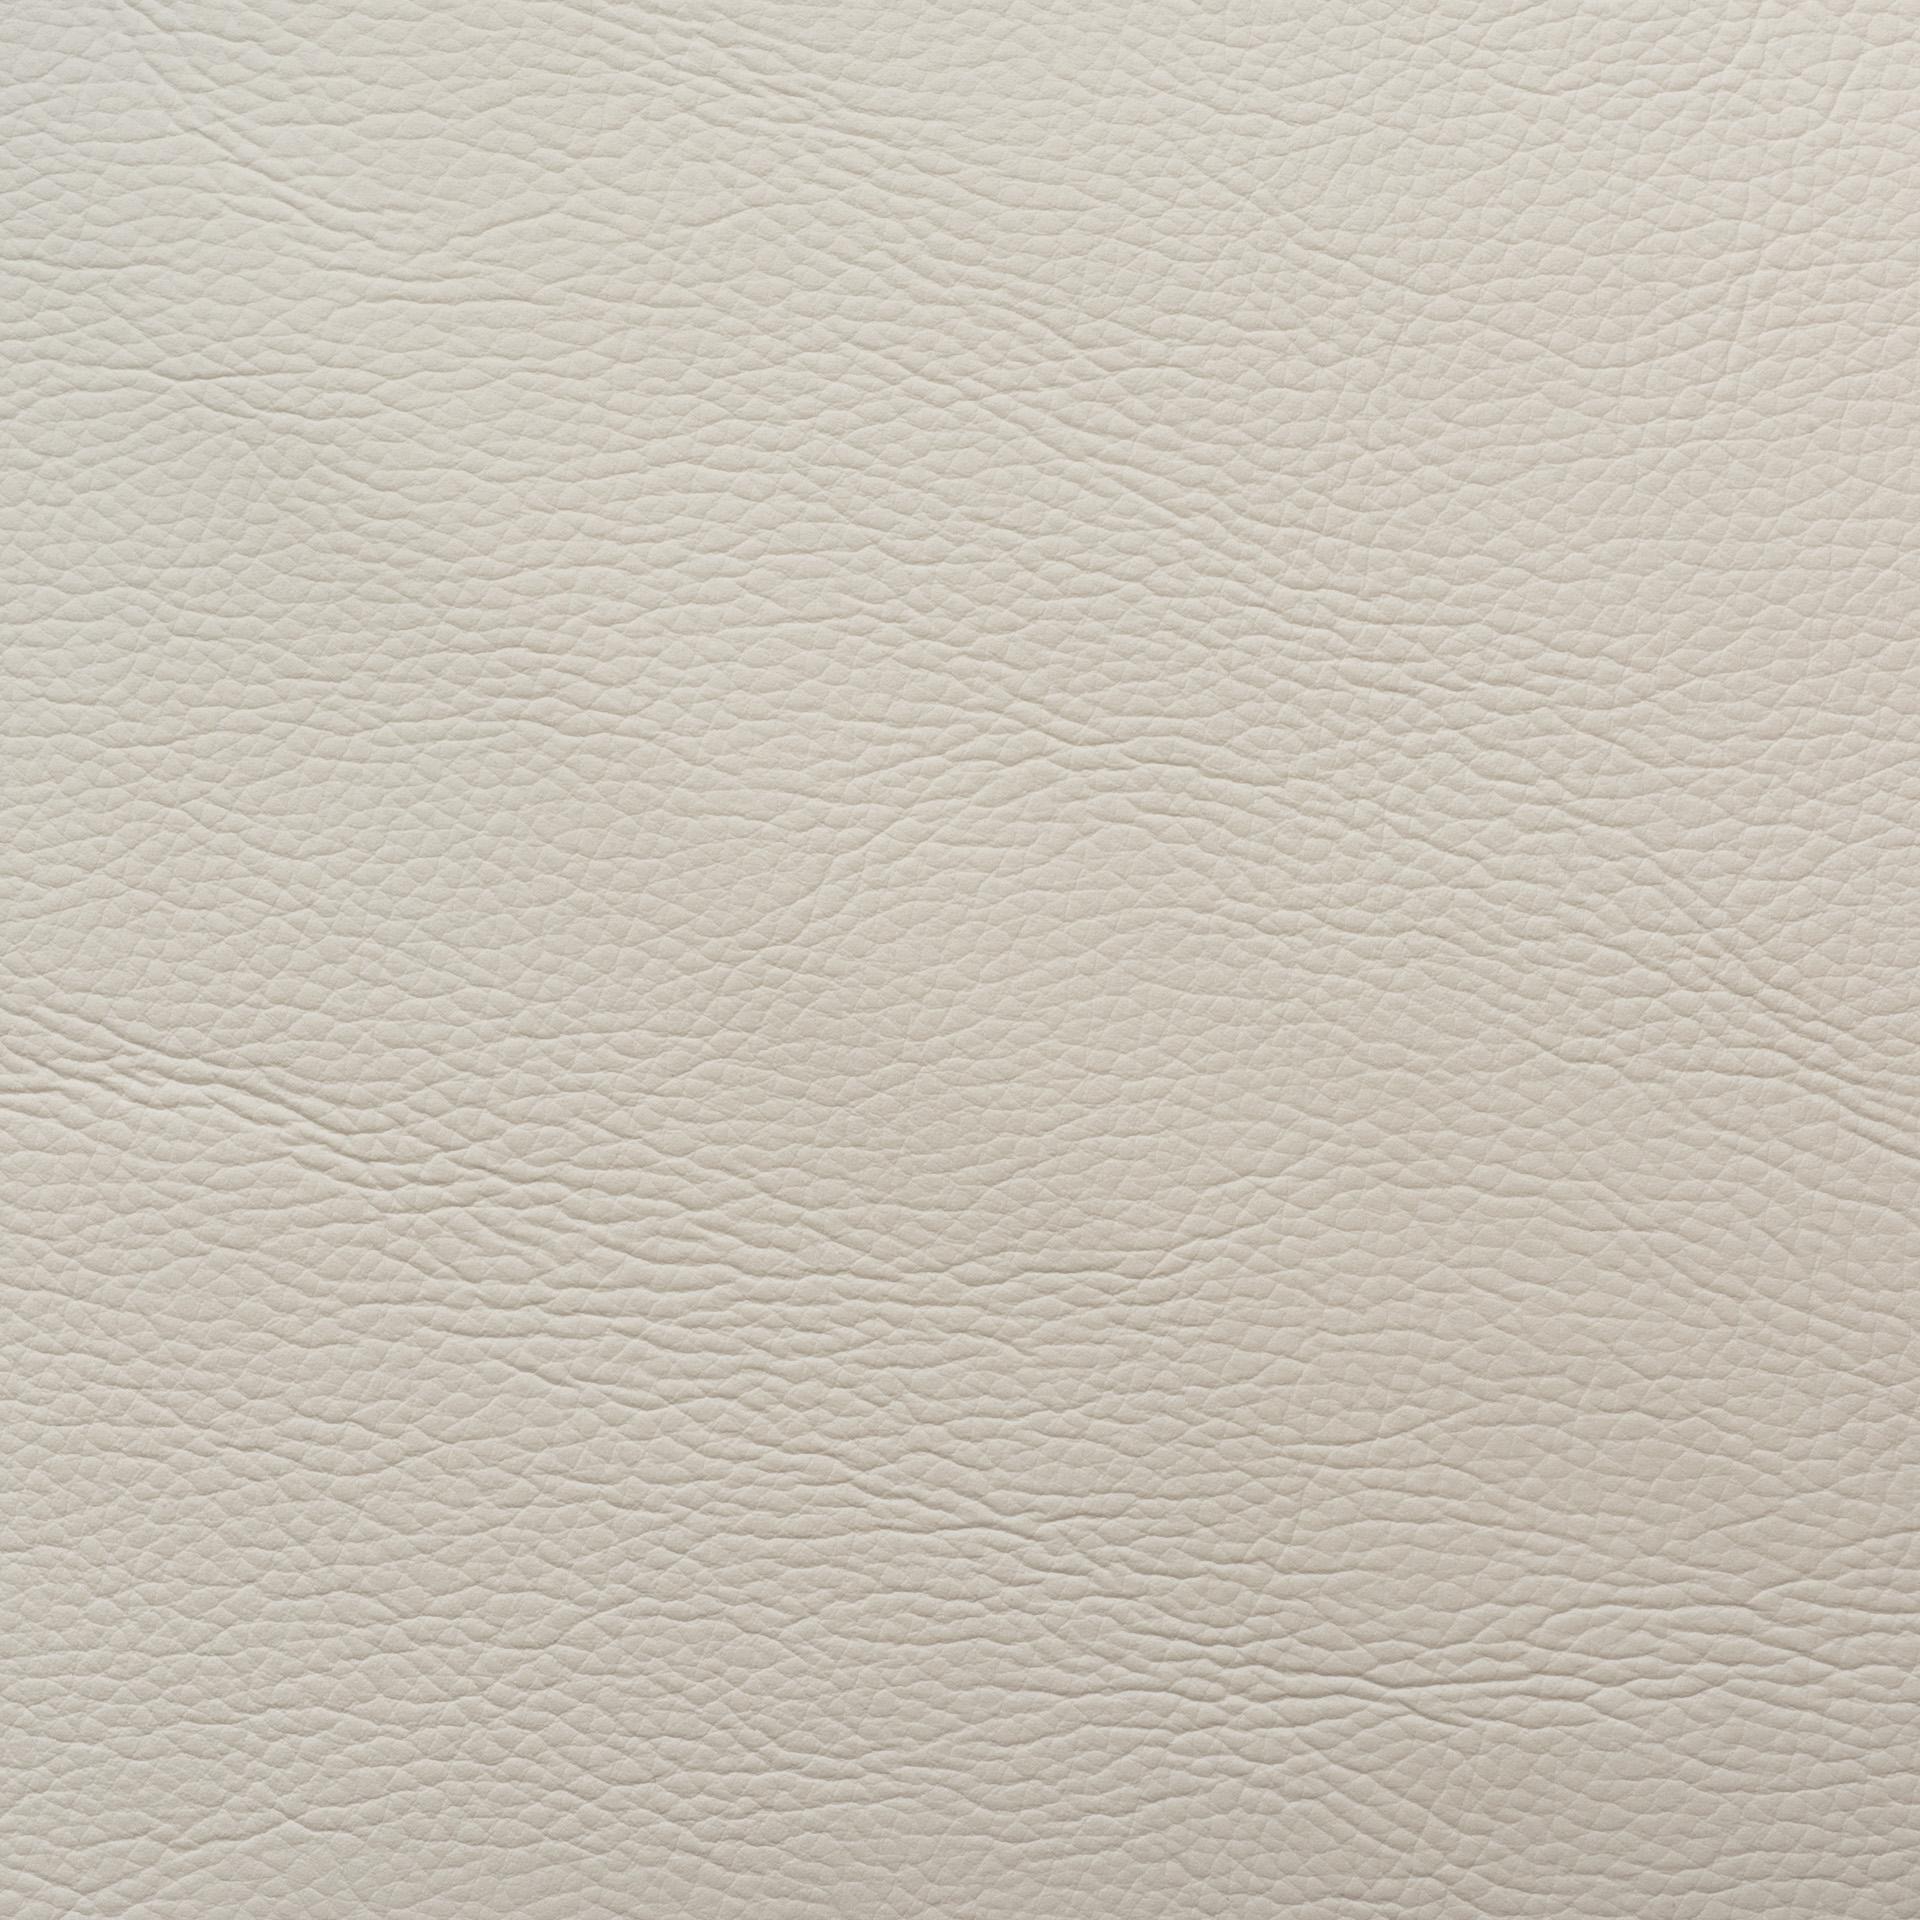 Коллекция ткани Леонардо Каппеллини 07 ICEBERG,  купить ткань Кож зам для мебели Украина